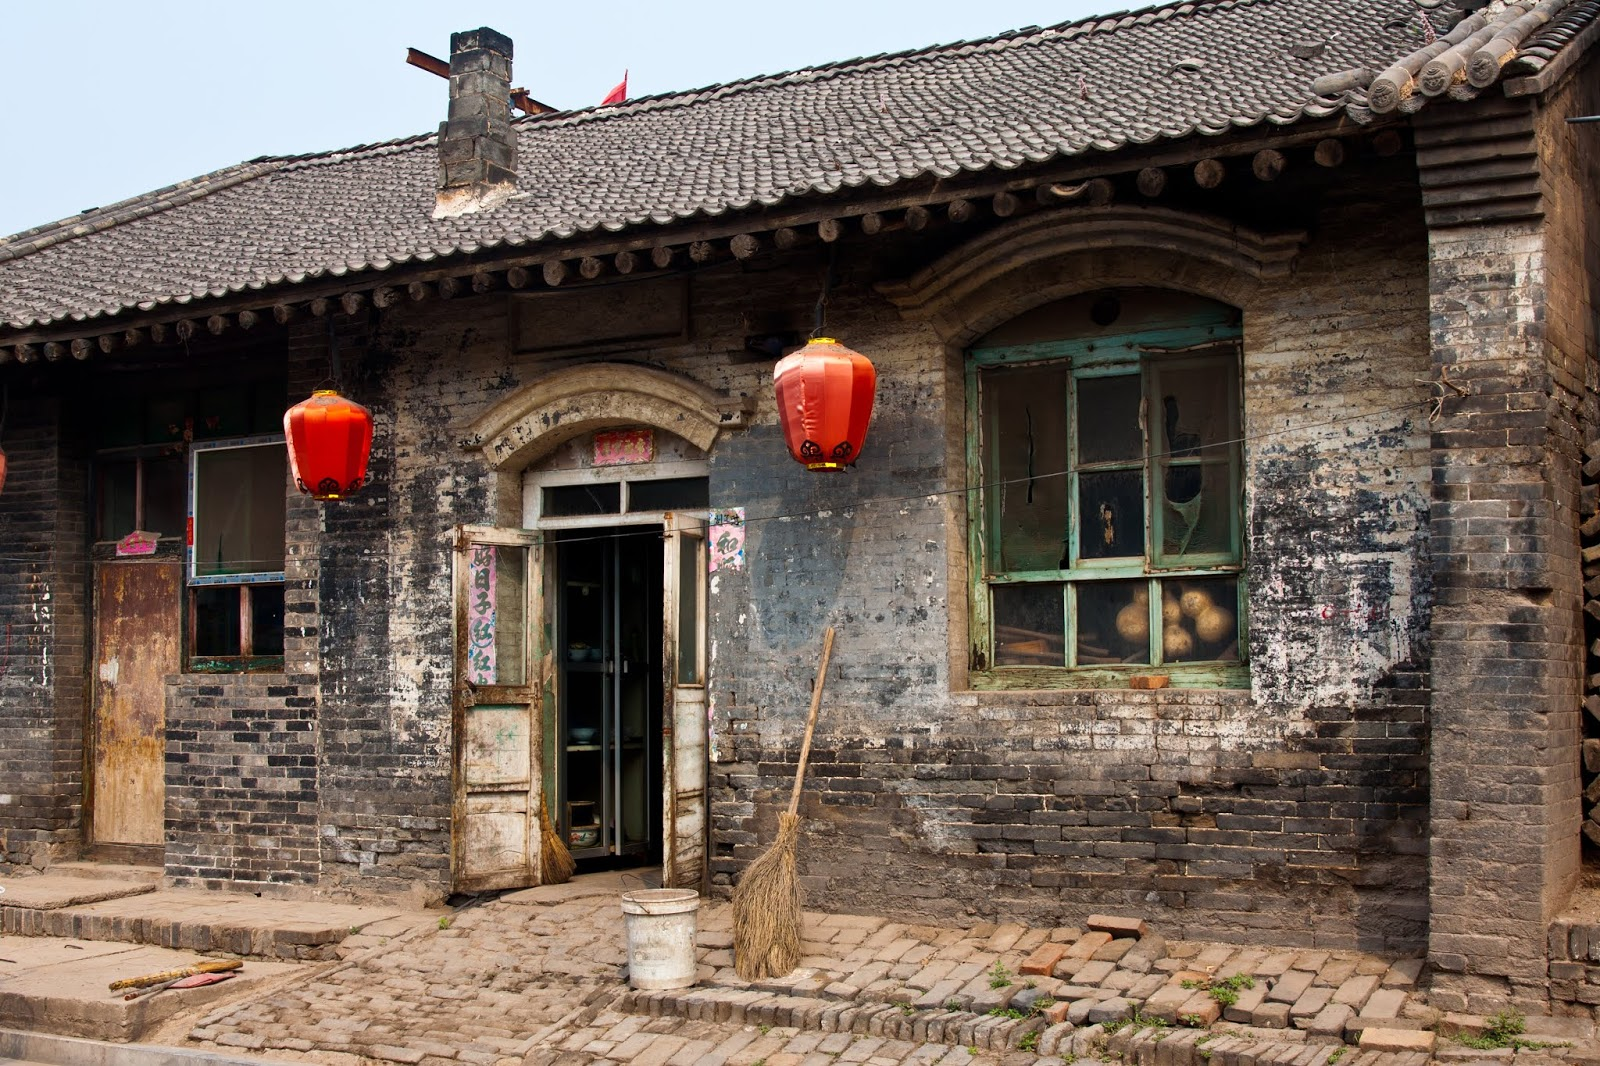 Superstições chinesas - vassoura de piaçava apoiada na parede de uma casa com lanternas vermelhas chinesas